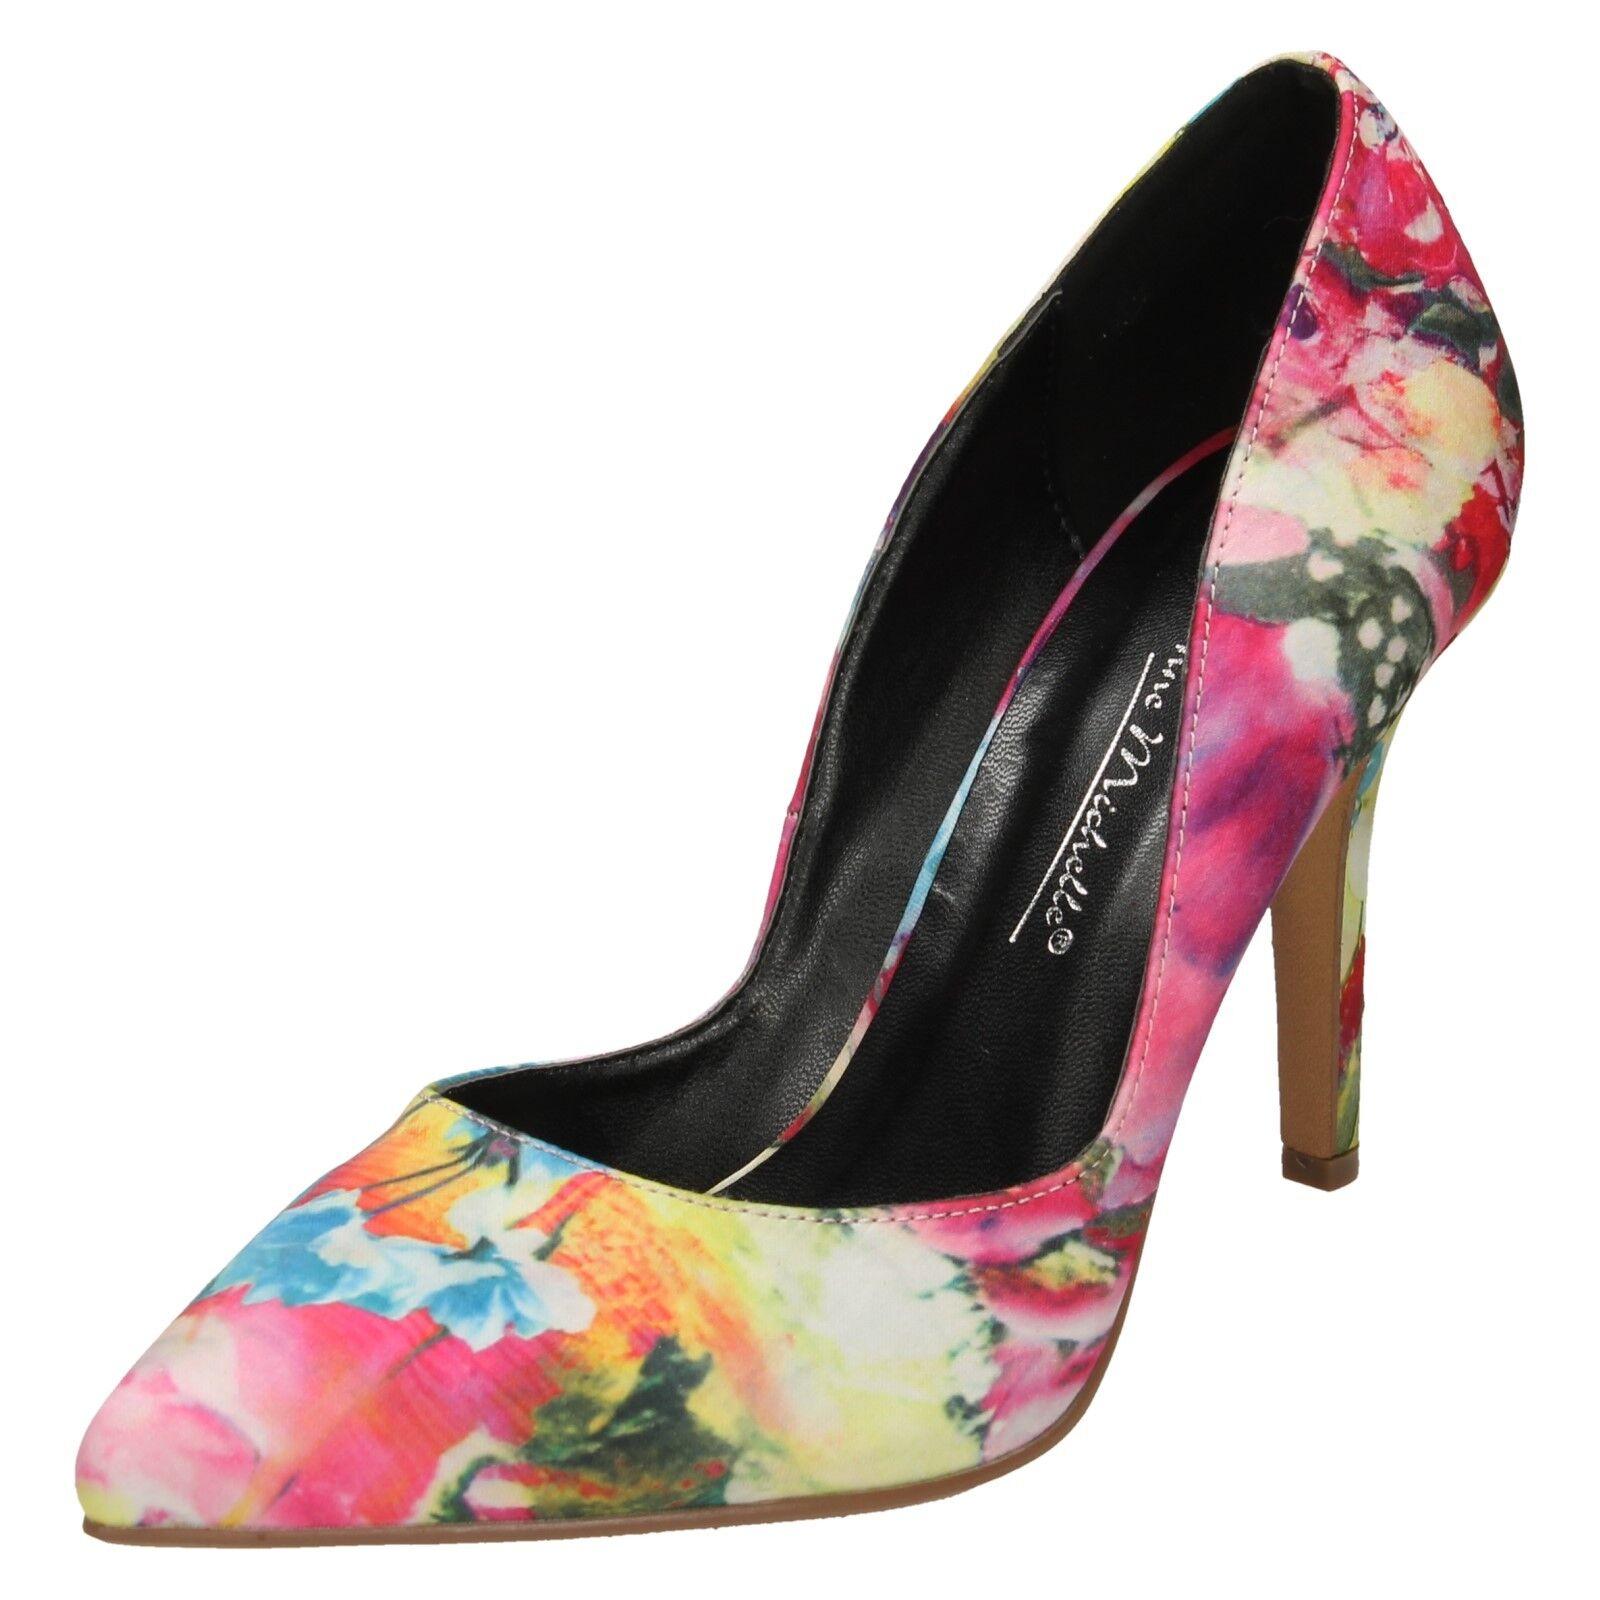 Ladies Ann Michelle Court Shoes UK Sizes 3-8 F9R0026